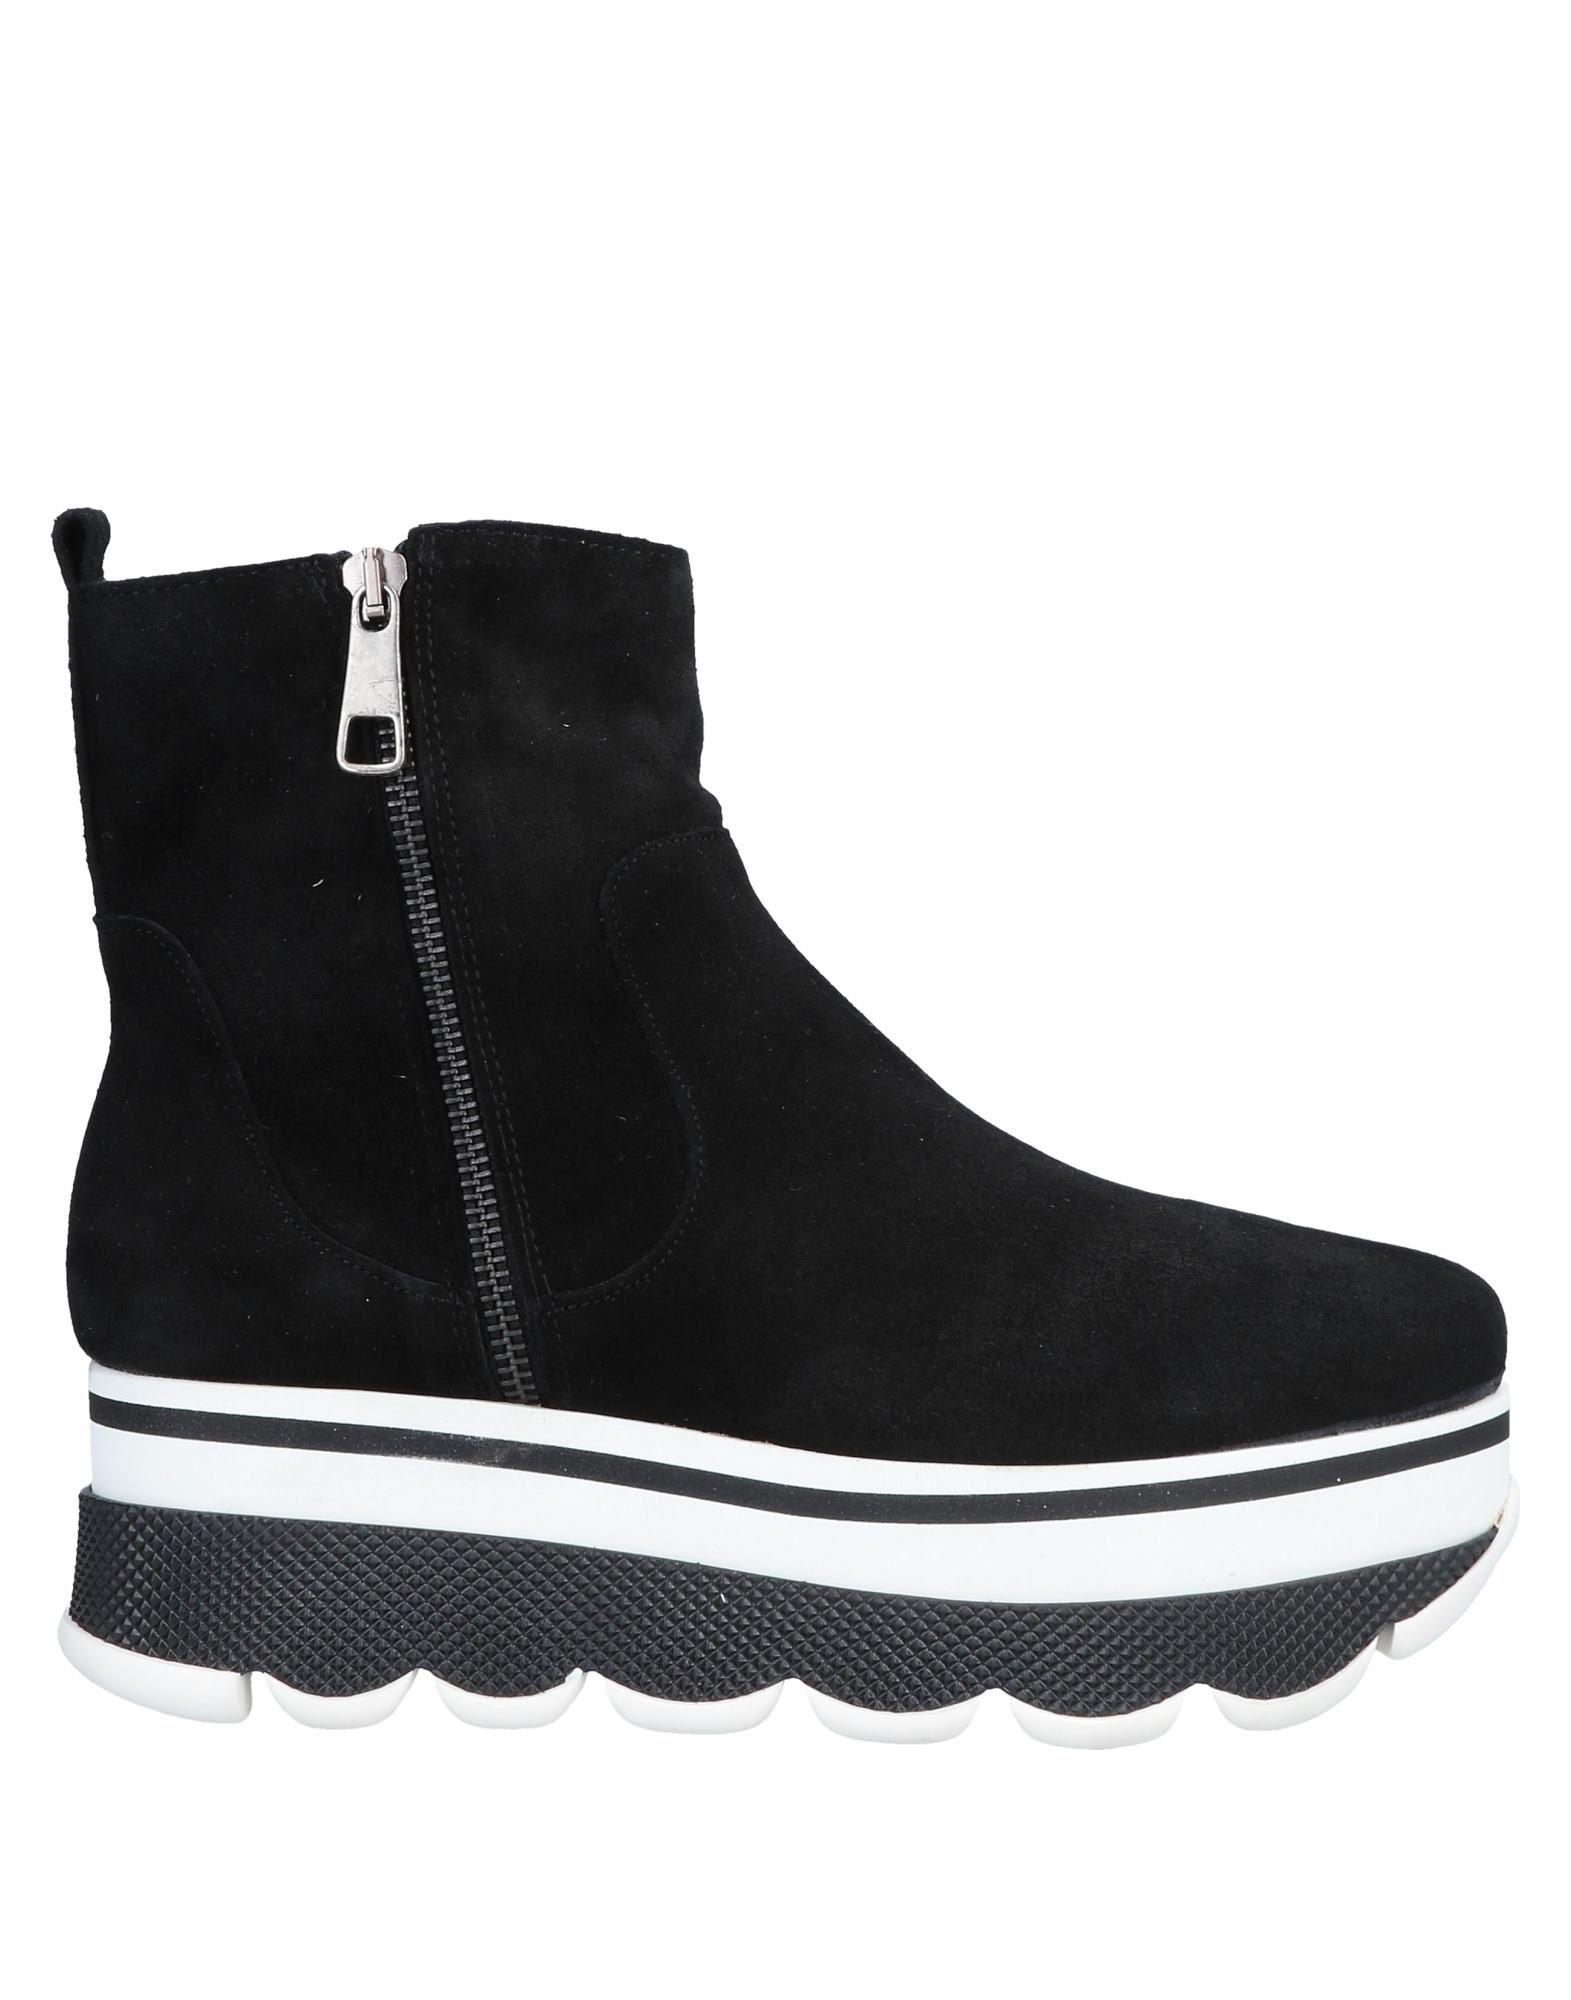 Gut um billige Stiefelette Schuhe zu tragenFlavio Creation Stiefelette billige Damen  11552815QQ 55287c